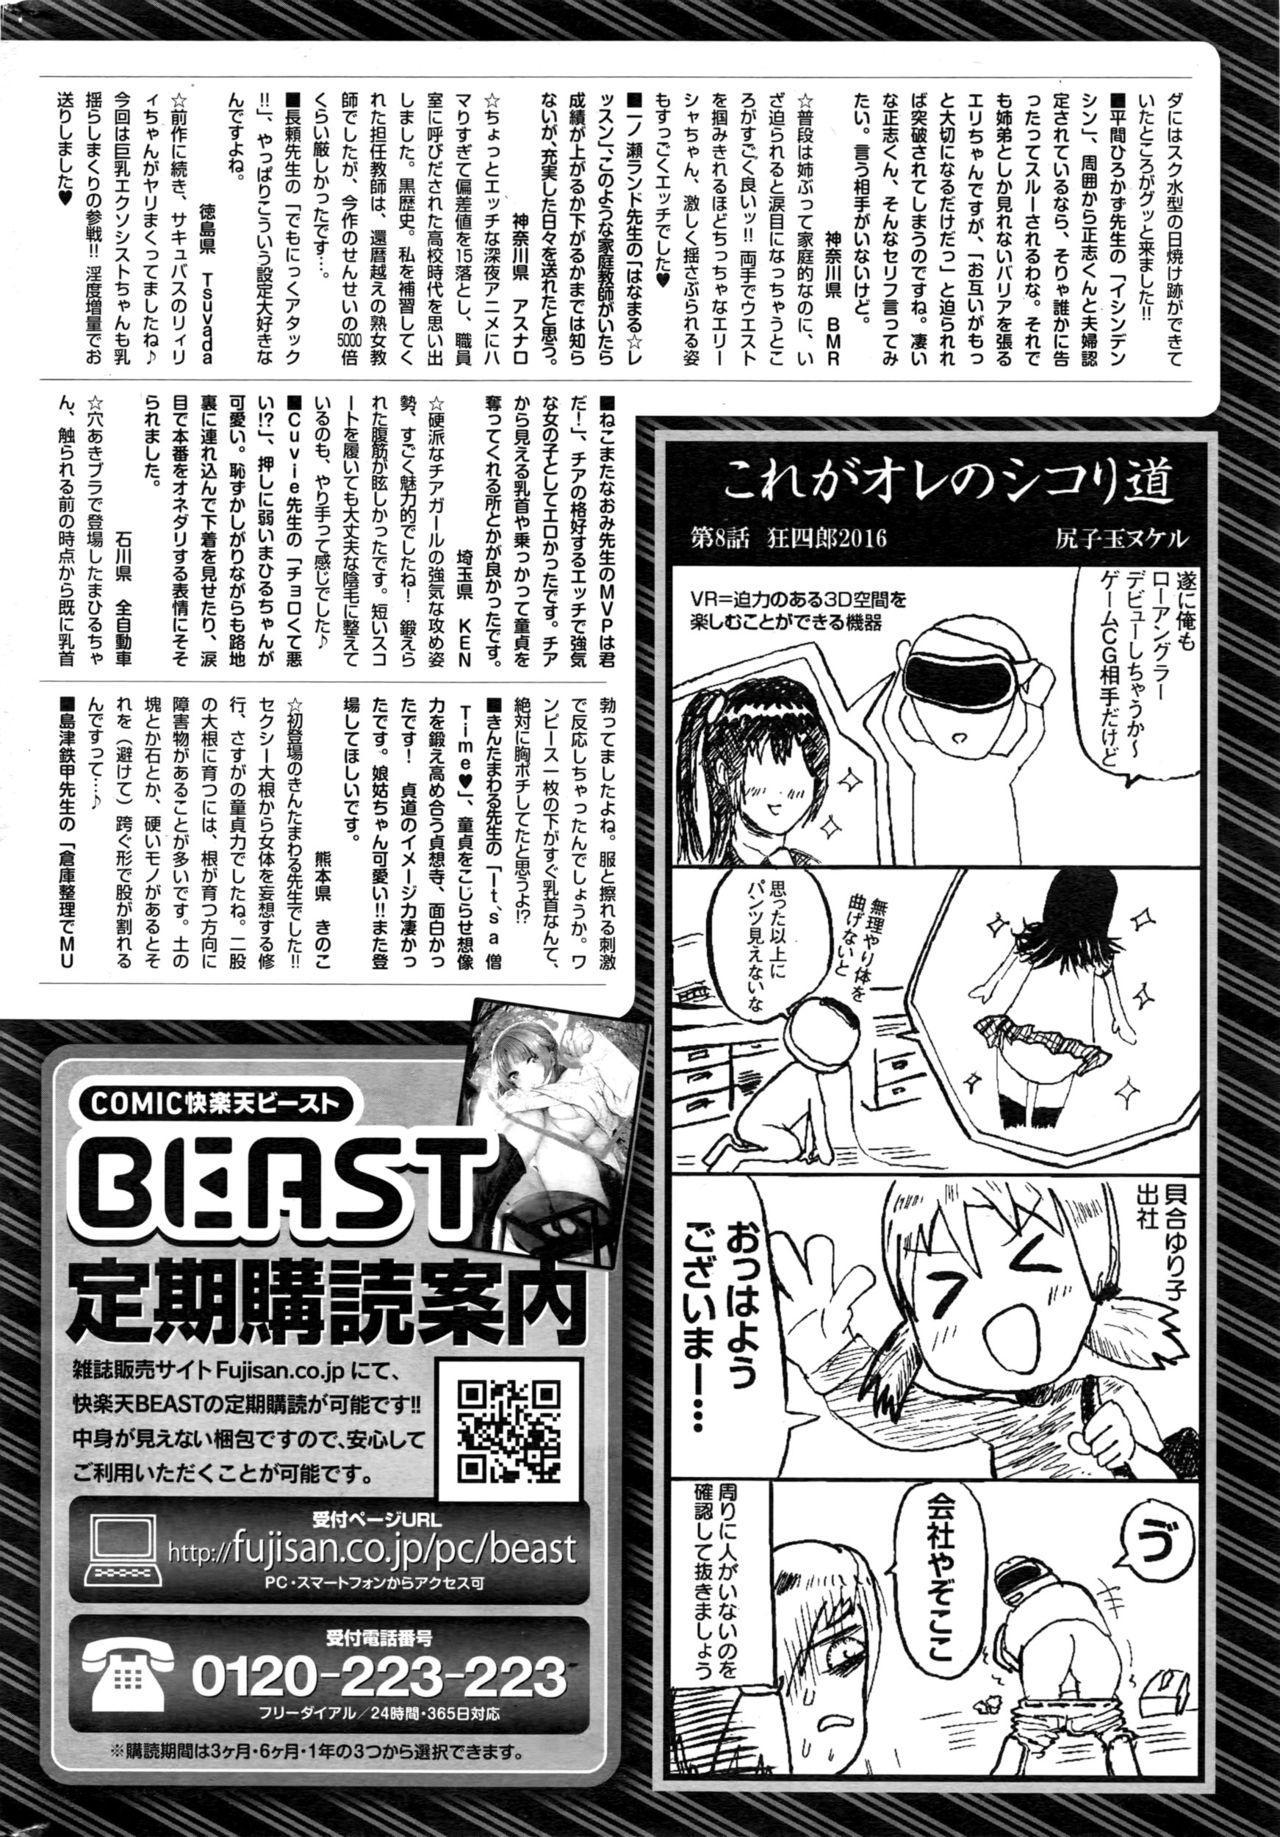 COMIC Kairakuten BEAST 2016-12 322